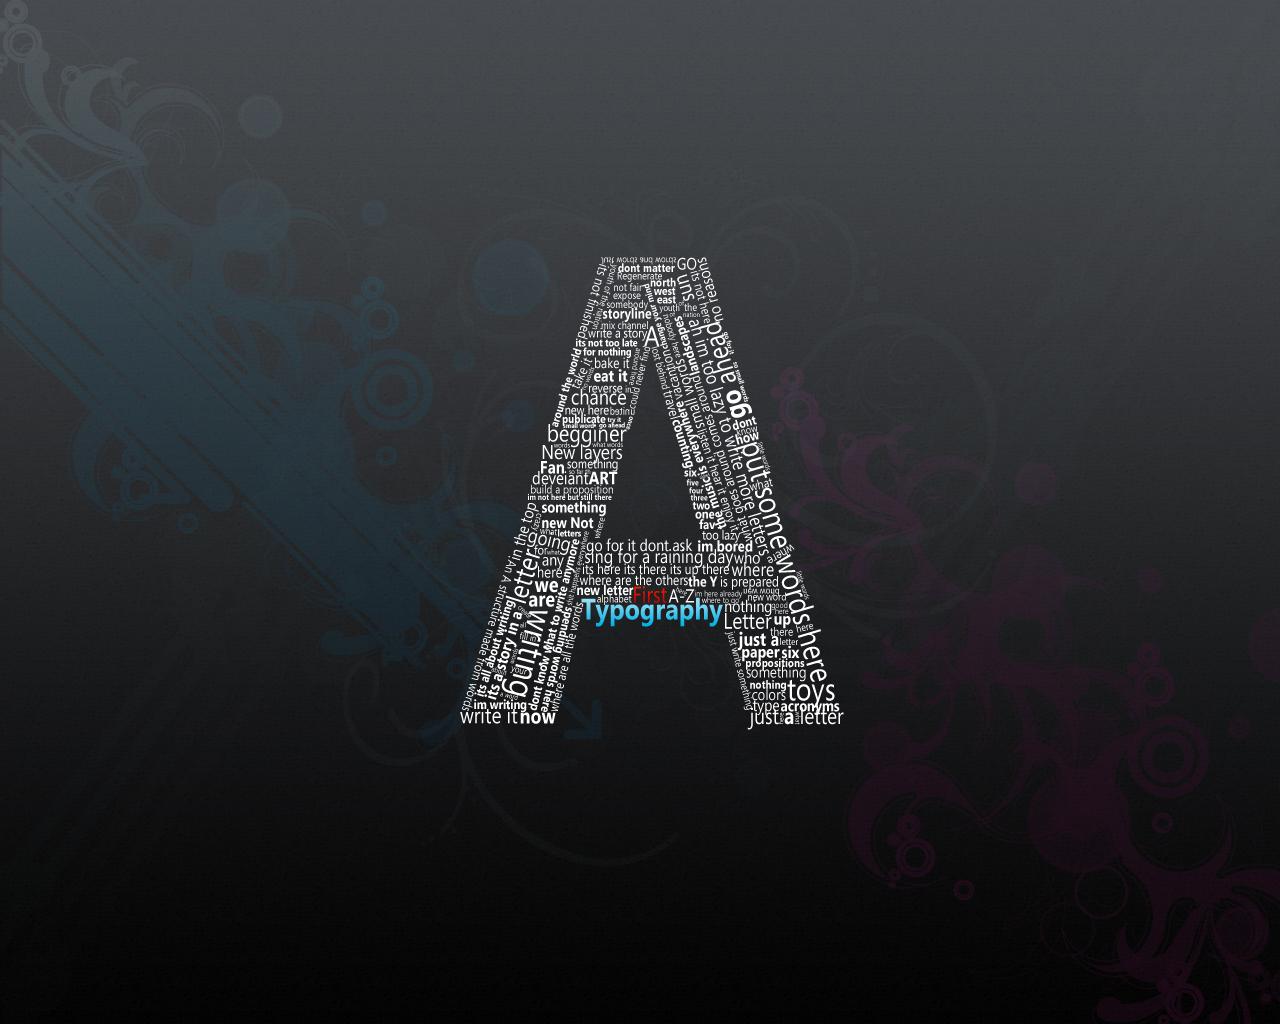 خلفيات حرف A خلفيات حروف عيون الرومانسية